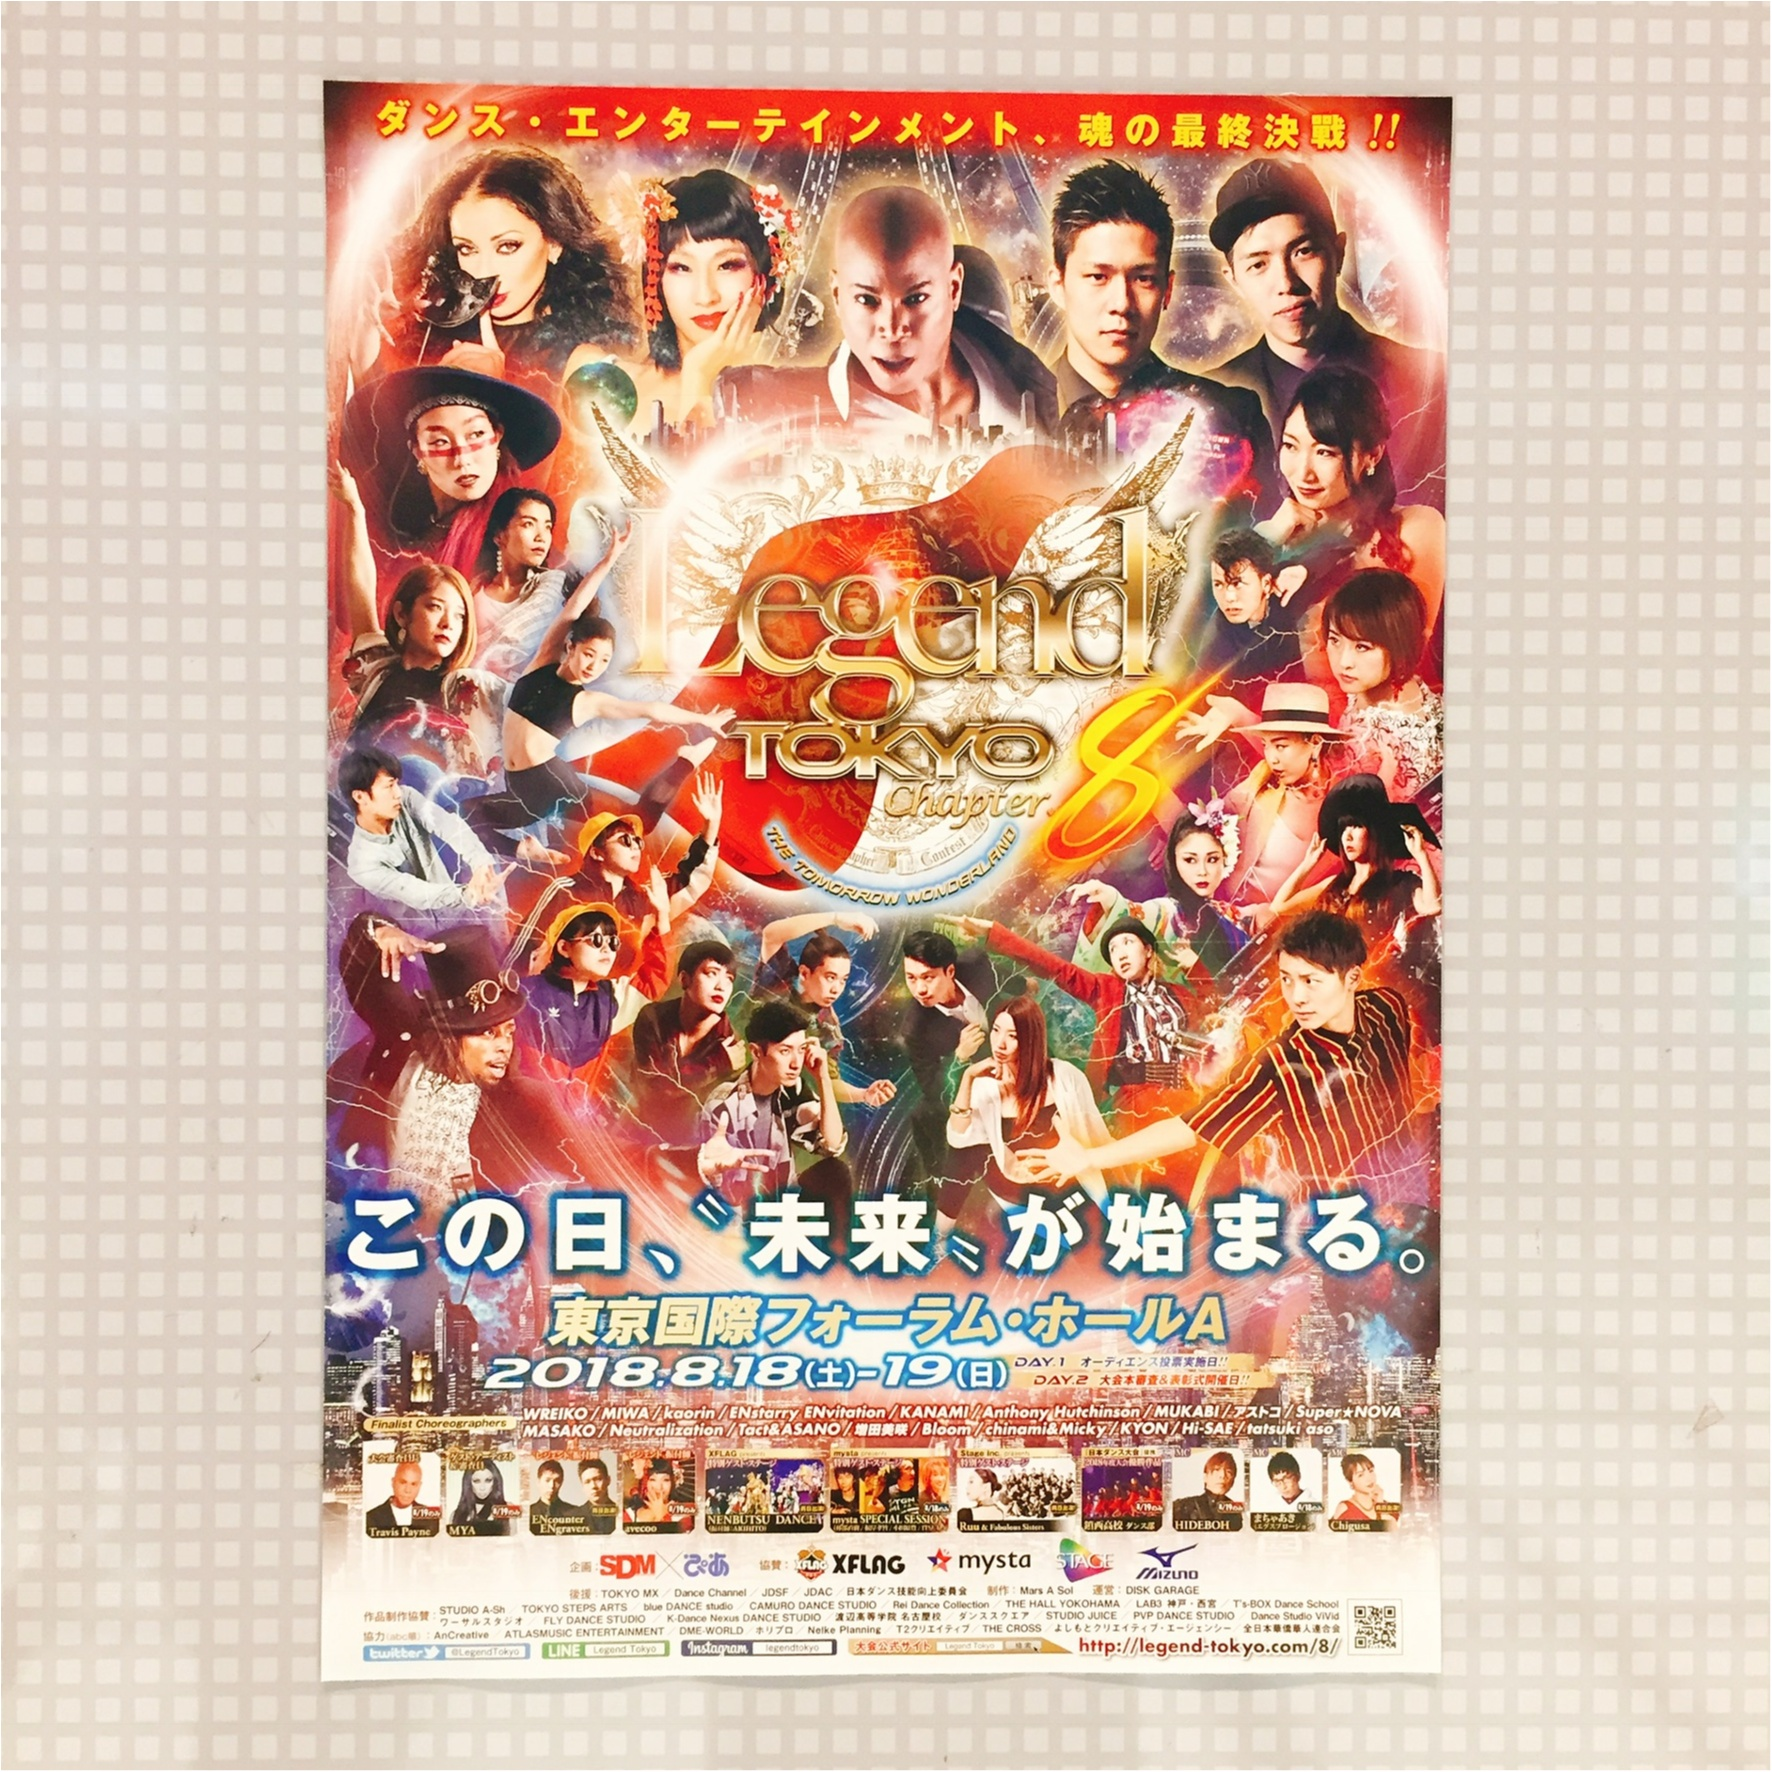 【審査結果一覧】Legend Tokyo終演!! 来年は大阪で新たなステージへ☆_1